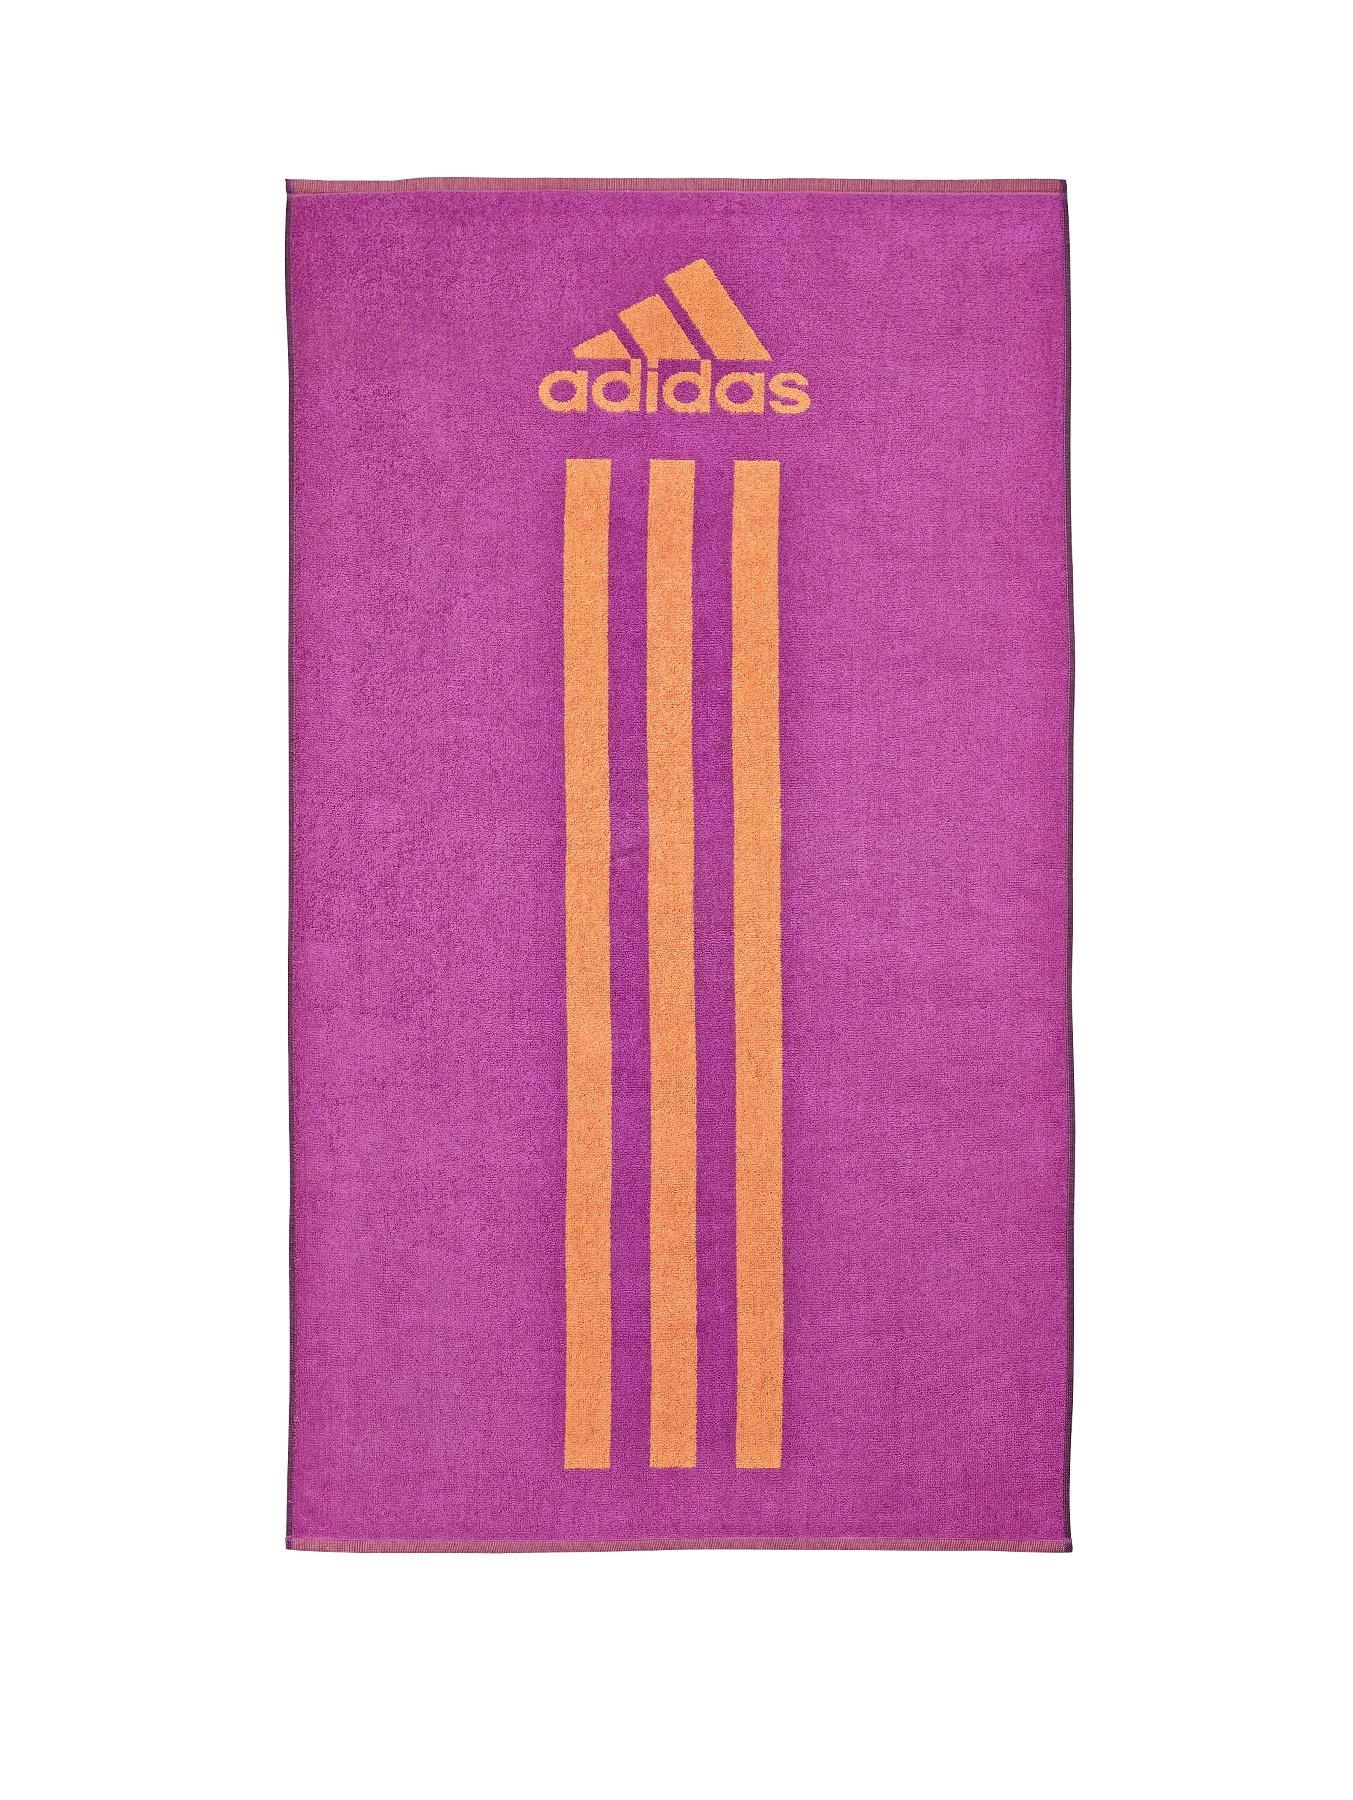 adidas Large Towel - Pink, Pink